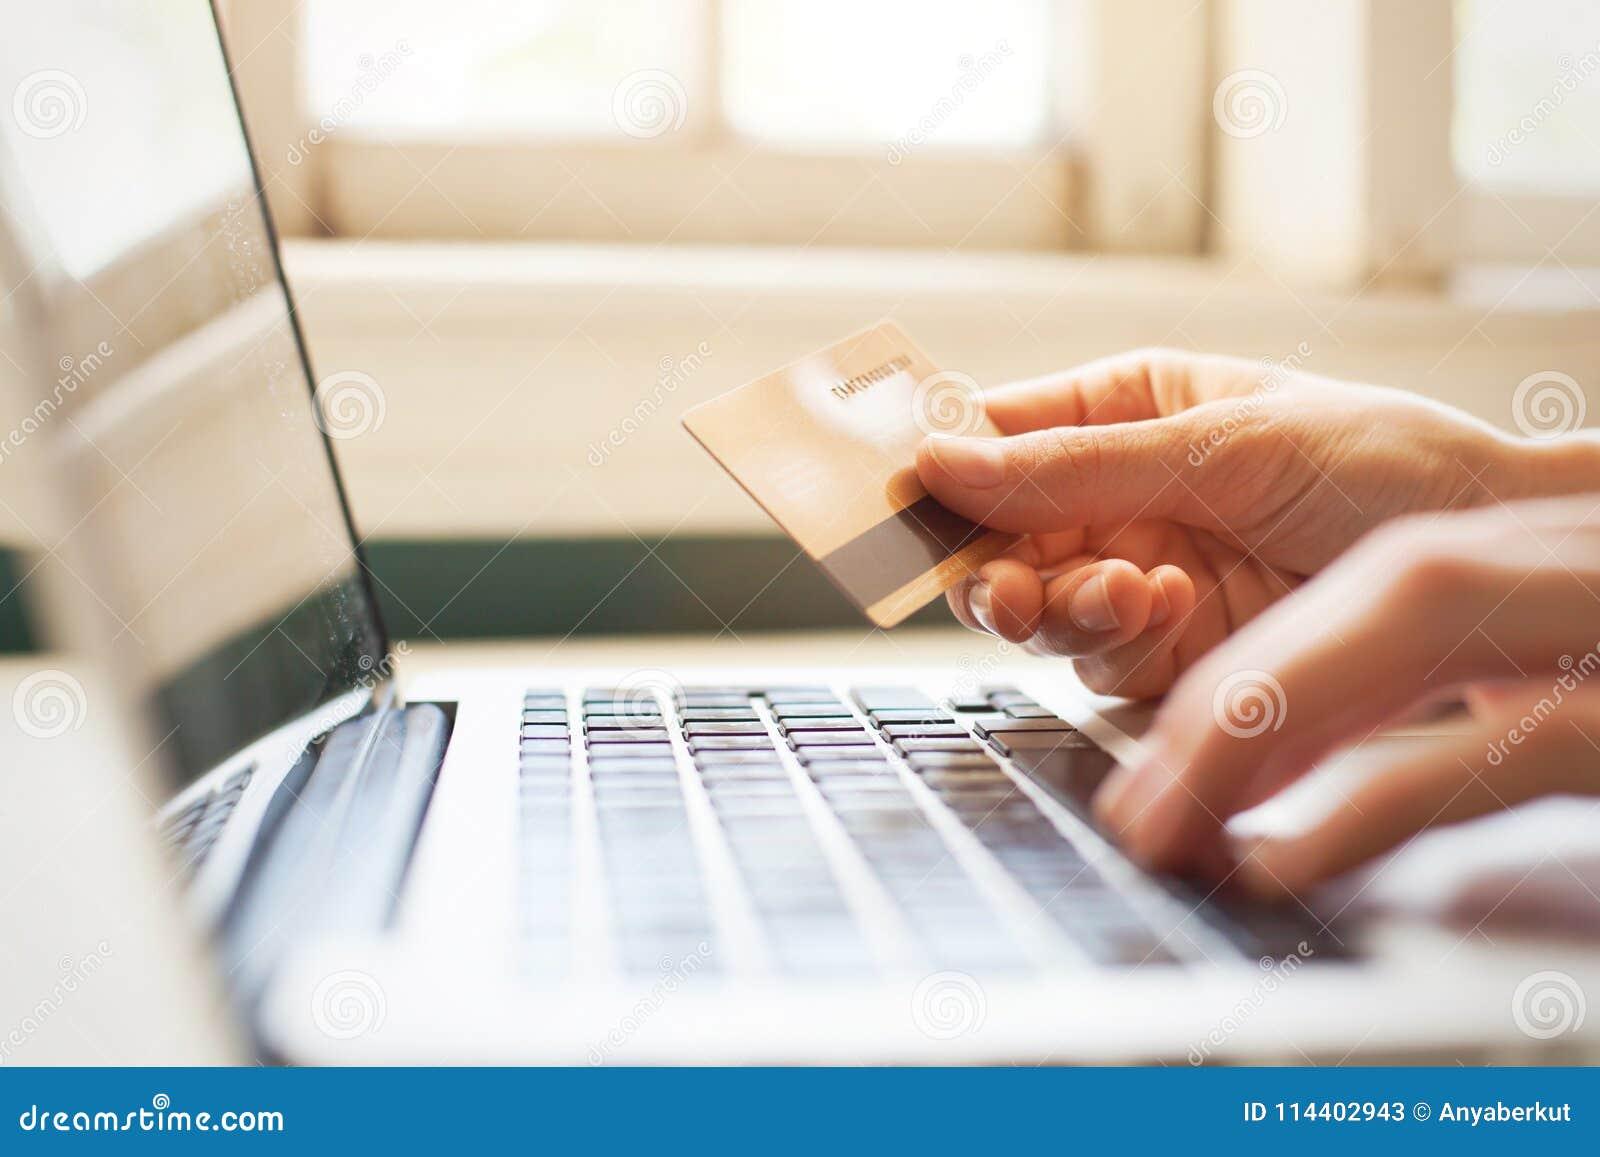 Pague en línea con código del promo de la tarjeta del descuento, haciendo compras